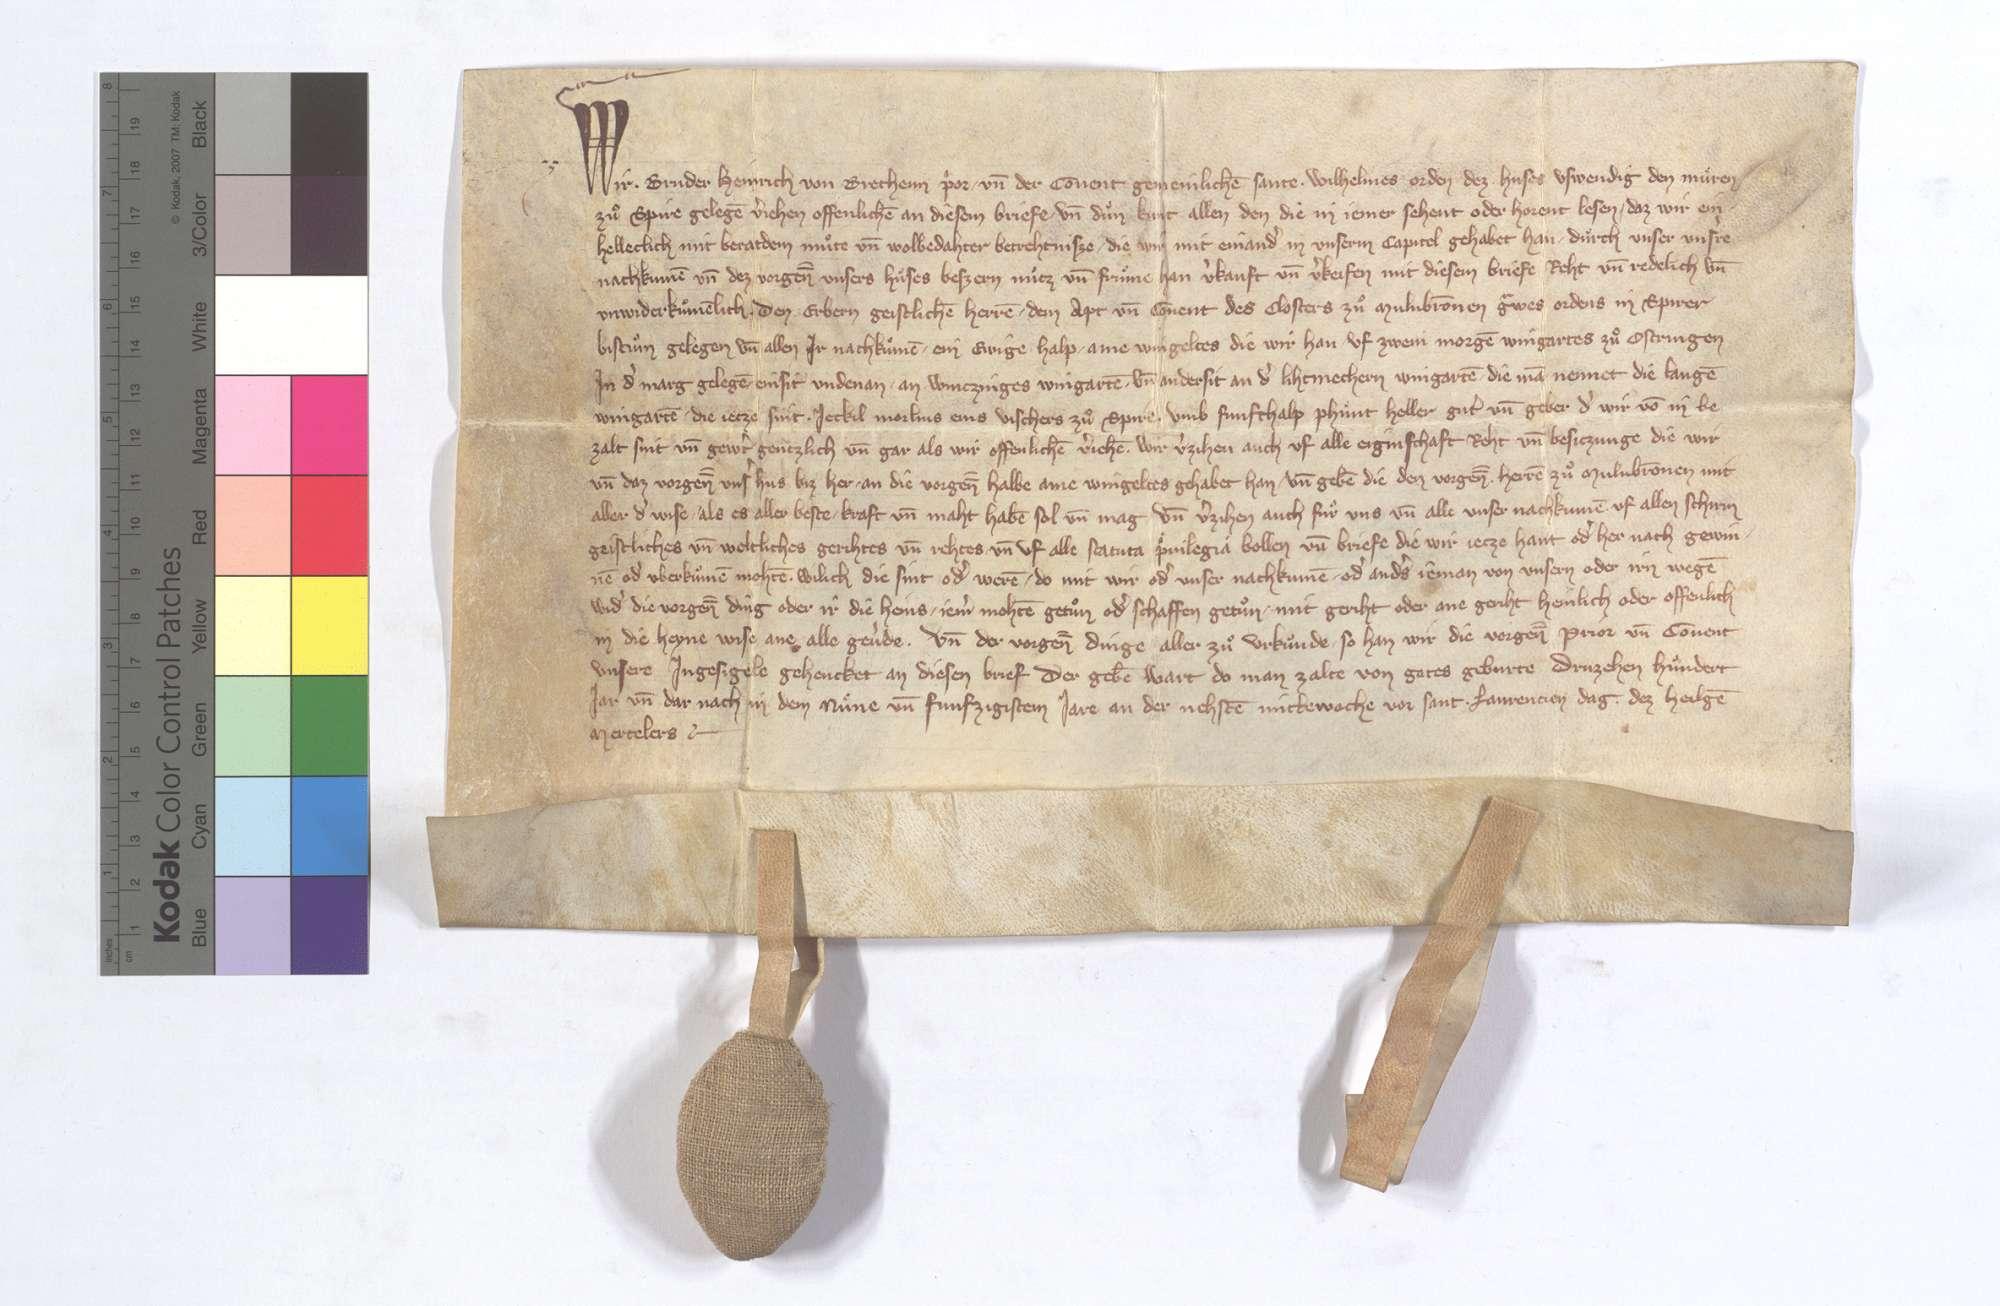 Der Prior und Konvent des St. Wilhelmsordens in Speyer verkaufen dem Kloster Maulbronn 1/2 Ohm jährliches Weingeld aus 2 Morgen Weingarten in Östringen., Text